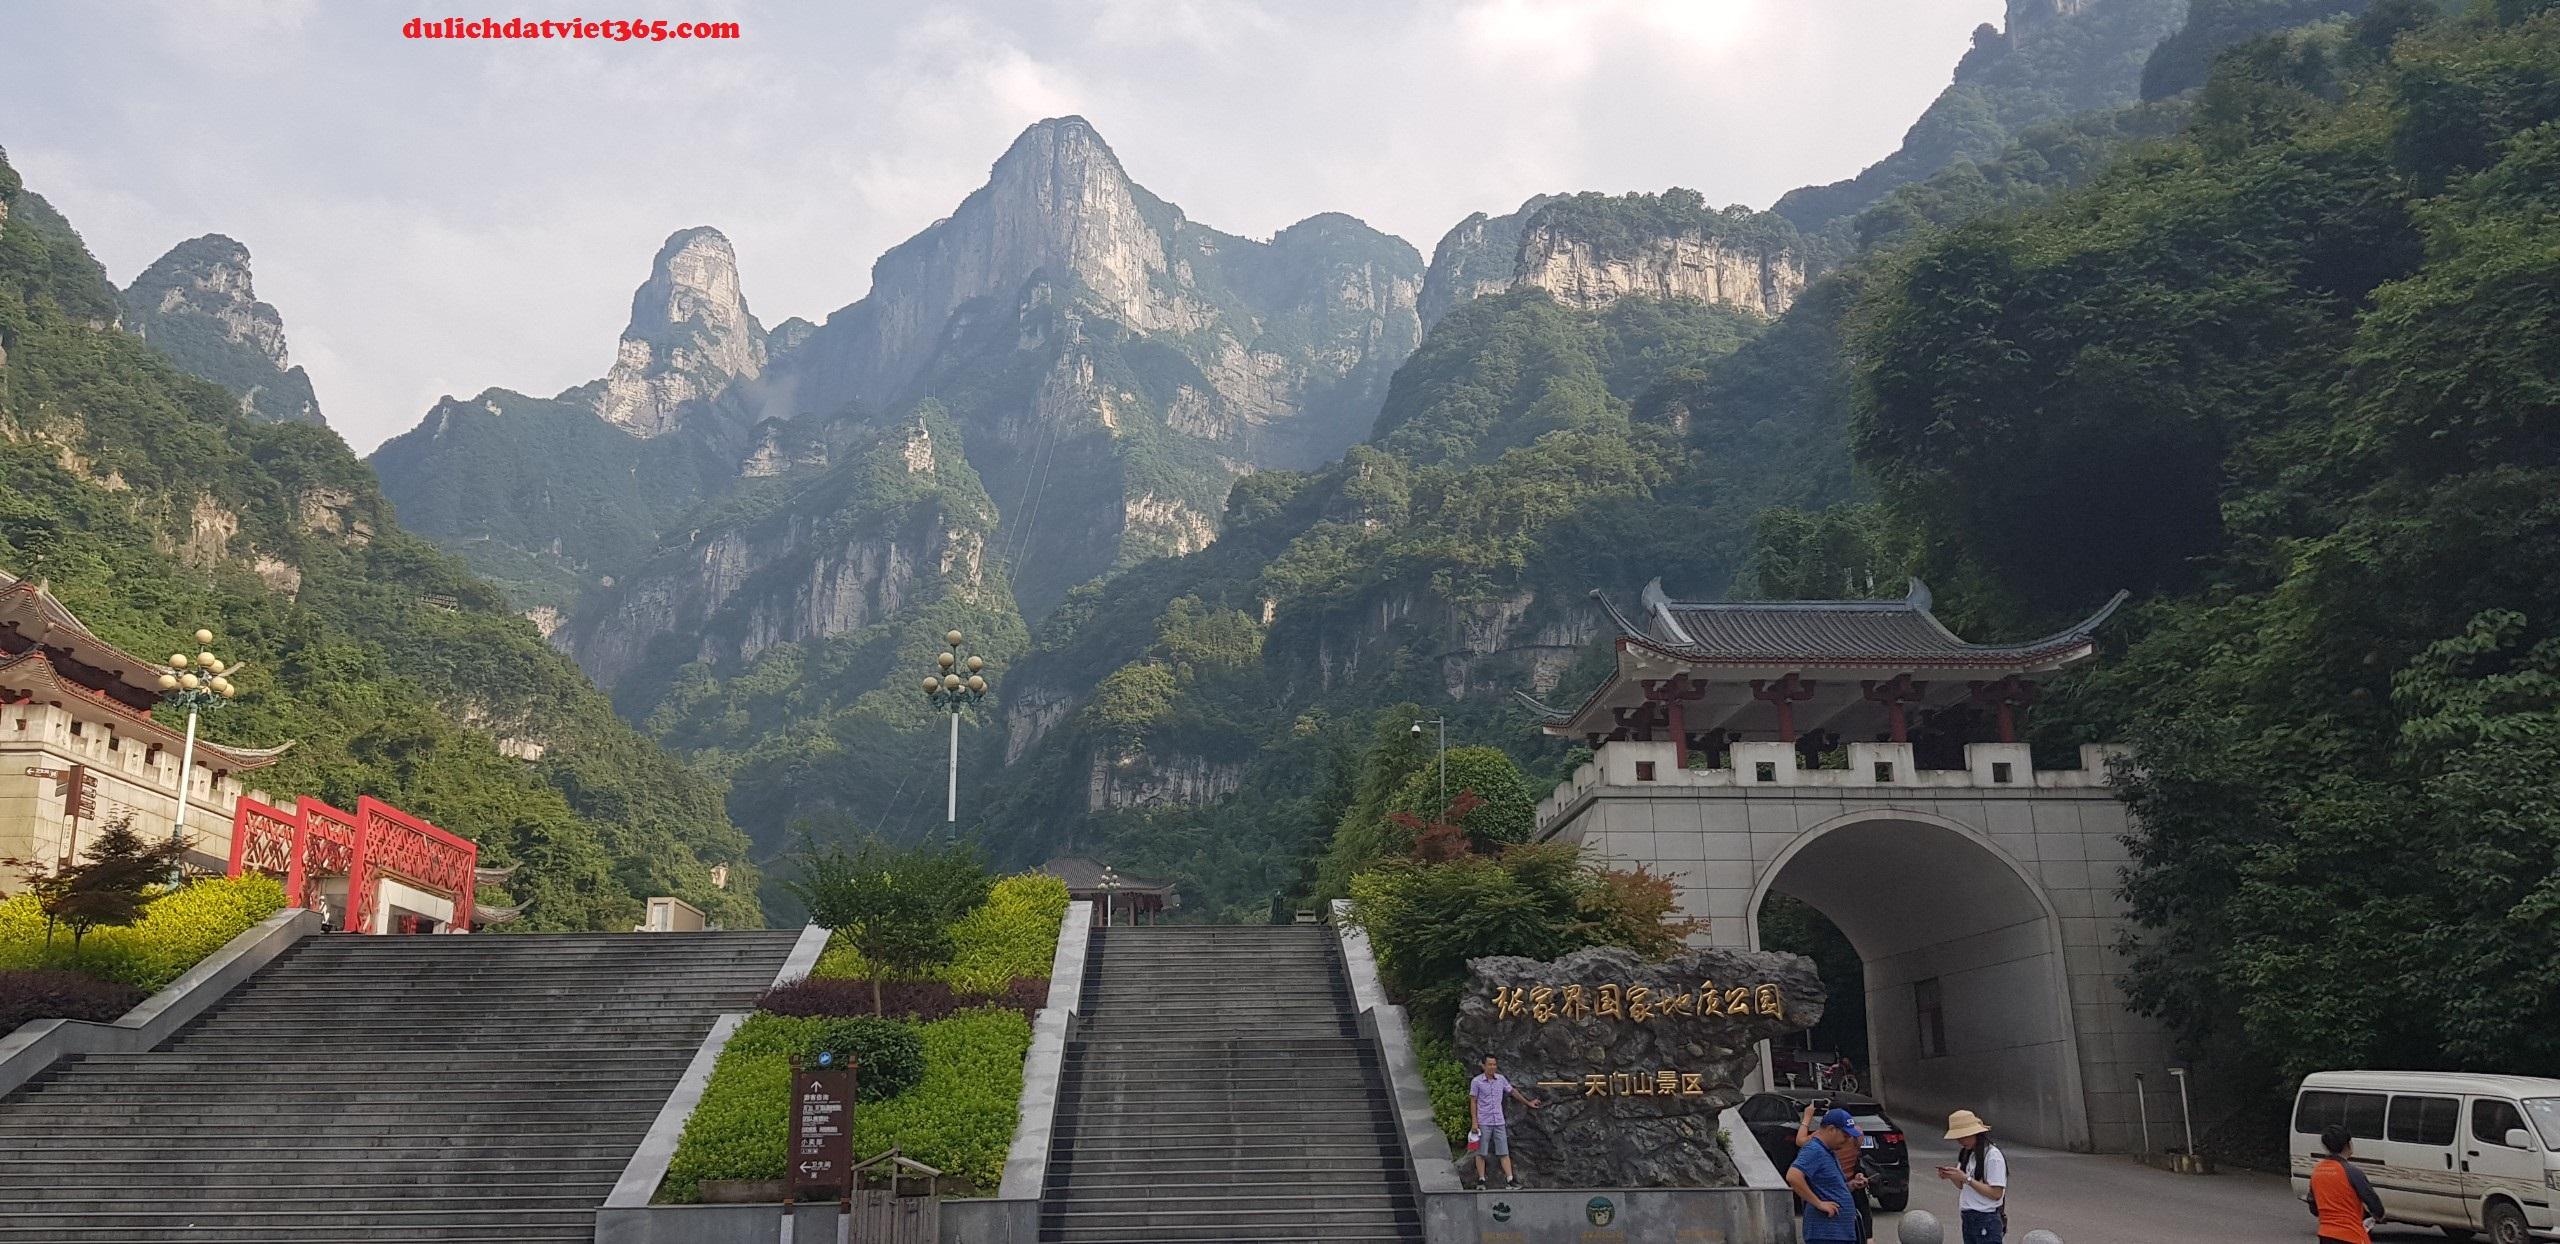 Núi Non Hùng vĩ Thiên môn sơn